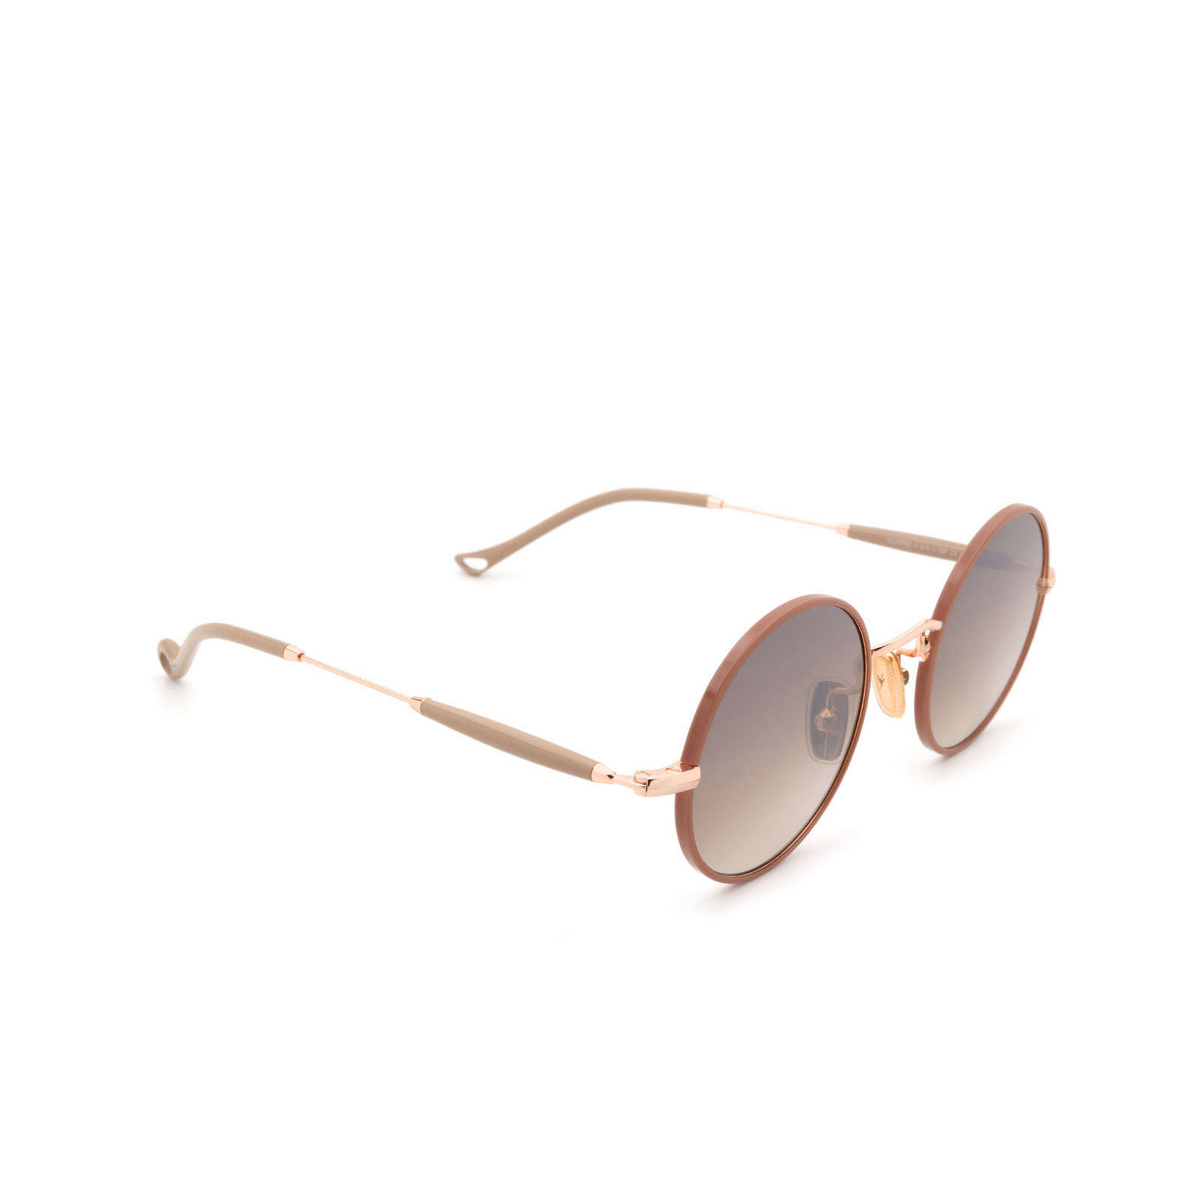 Eyepetizer® Round Sunglasses: Quatre color Pinkish Brown C.9-E-J-18F - three-quarters view.